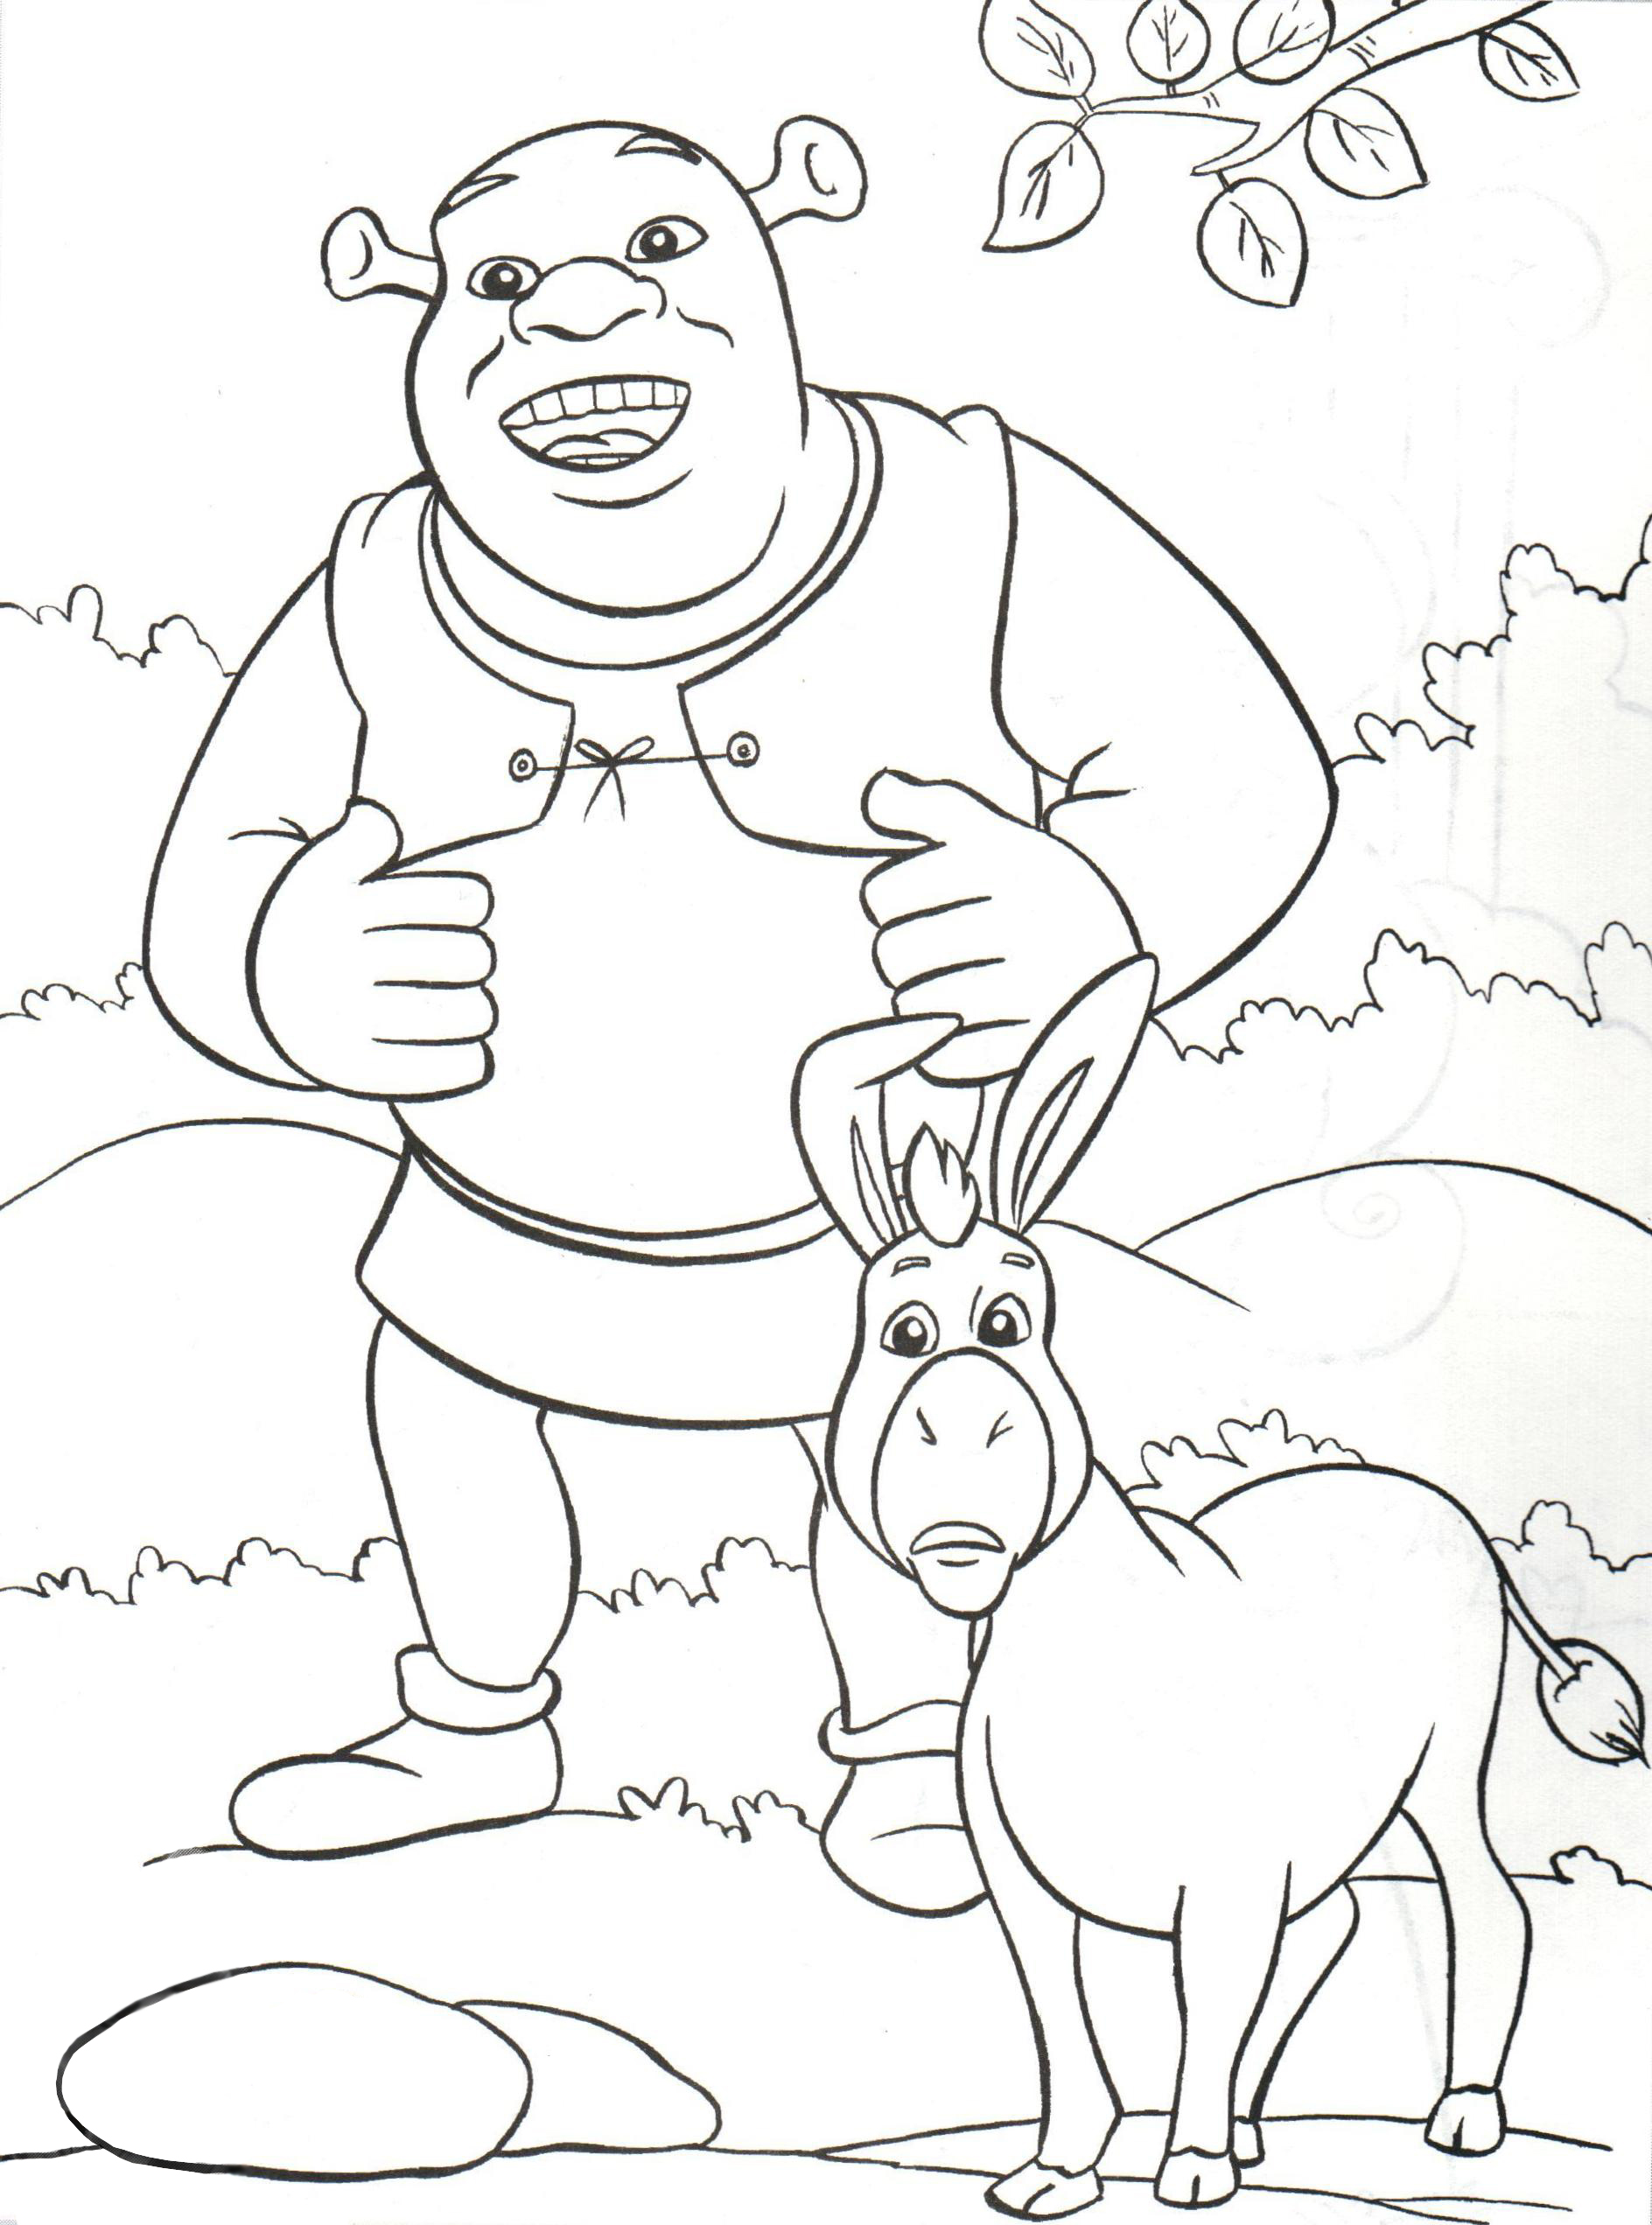 Раскраска замок неприступен   раскраски из мультфильма шрек 2 (shrek 2)